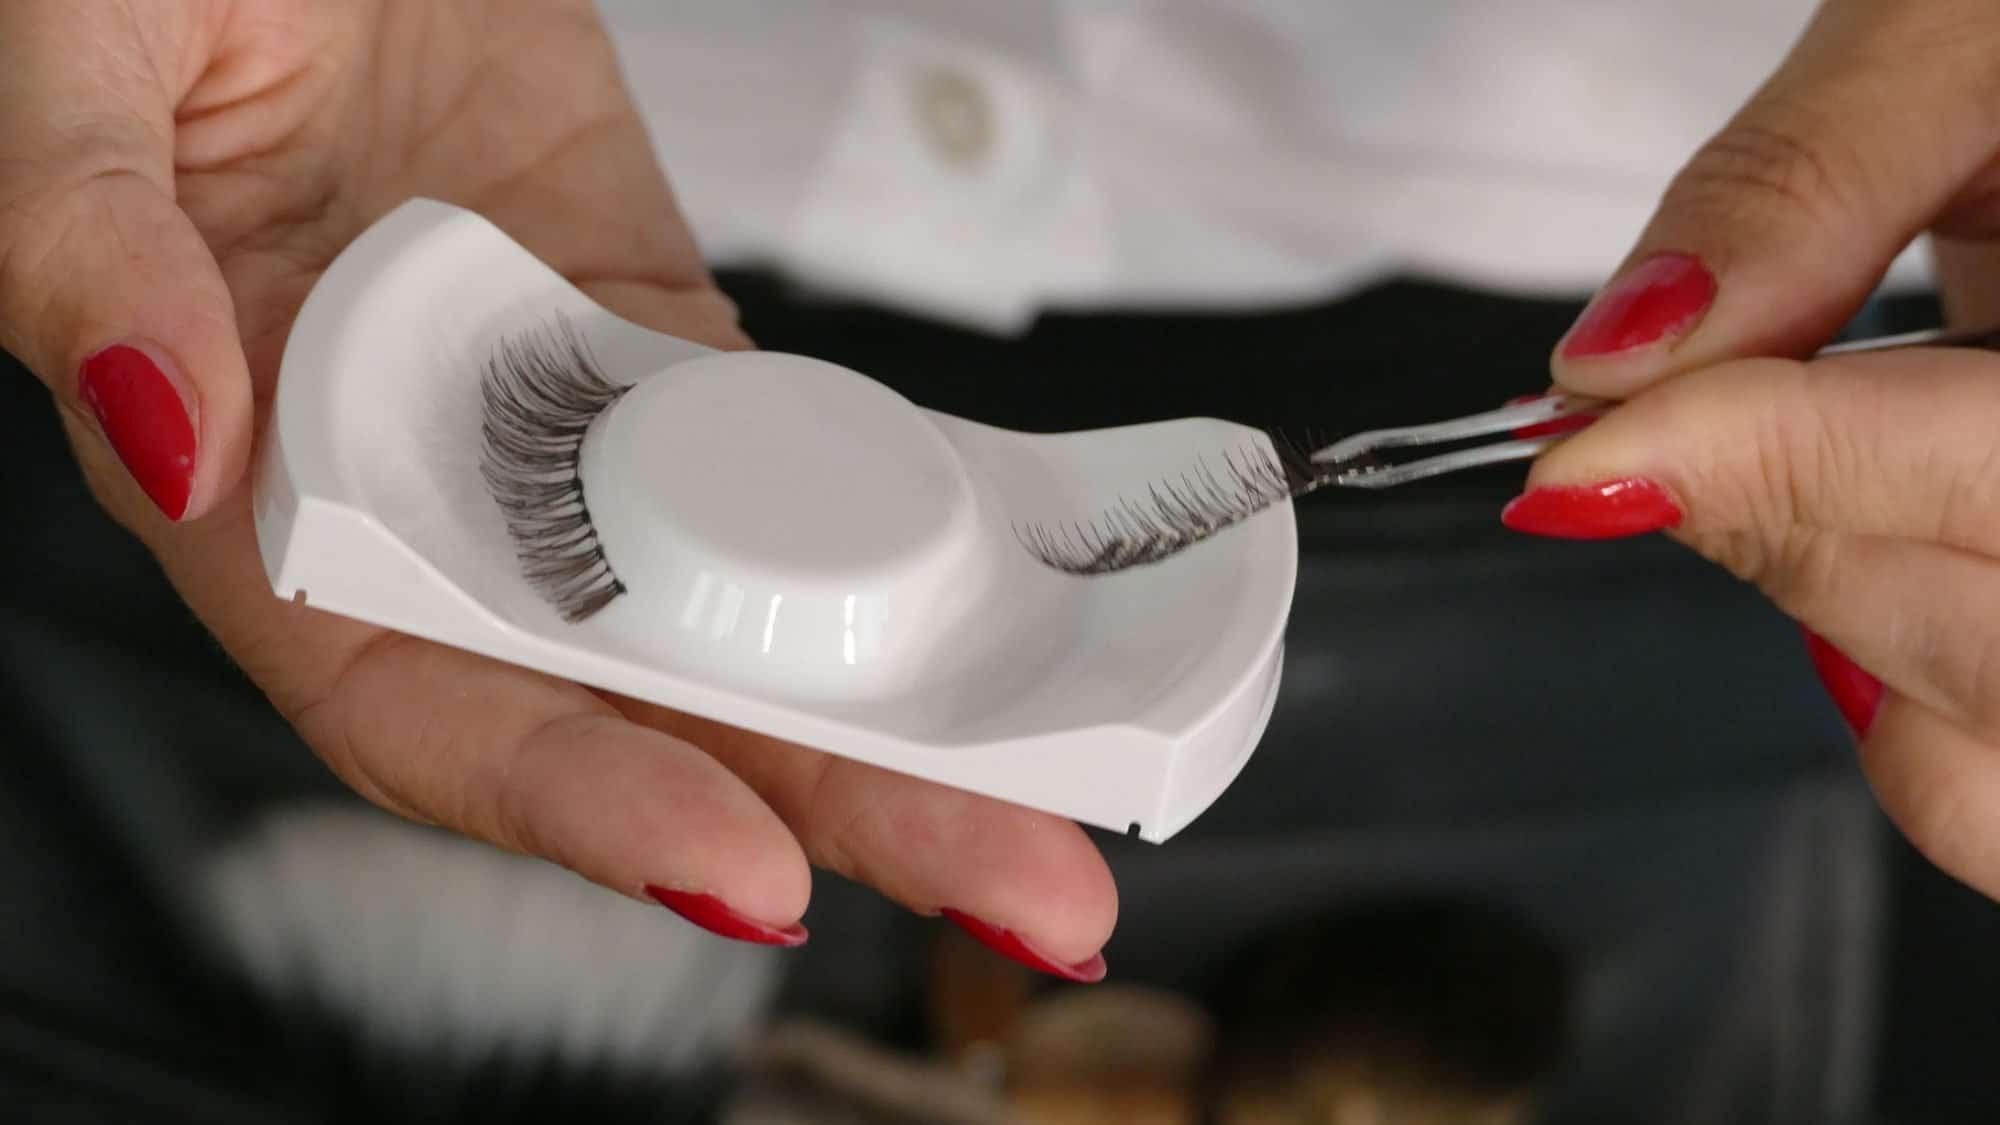 Schminktipps bei Chemotherapie: Künstliche Wimpern mit Pinzette.